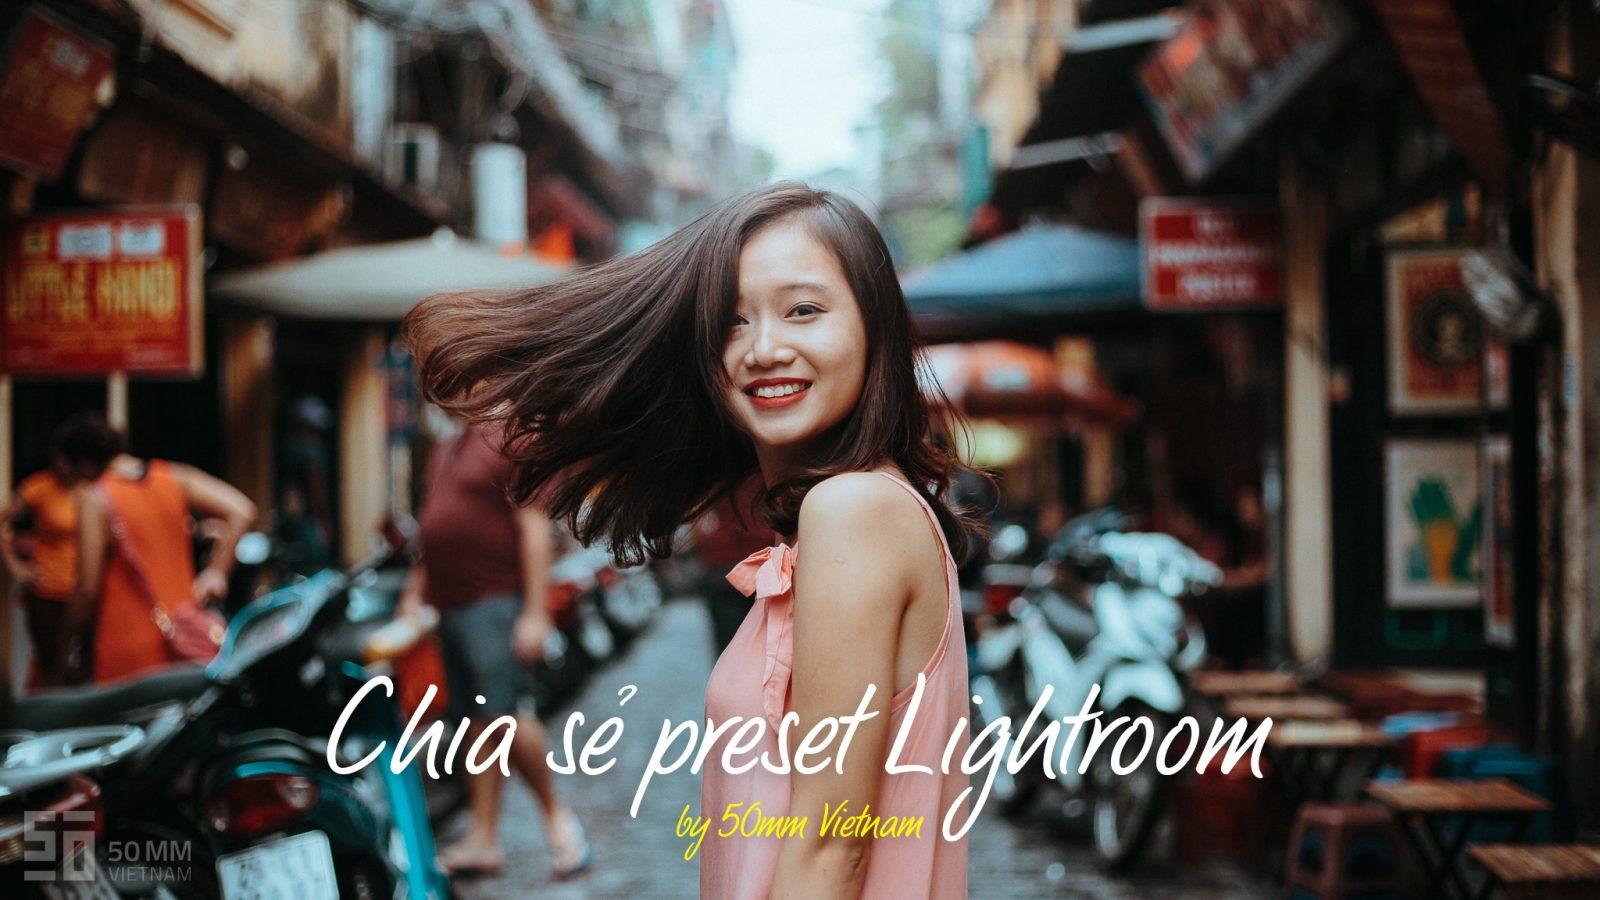 Gửi tặng Preset Lightroom do 50mm Vietnam tự chế! | 50mm Vietnam